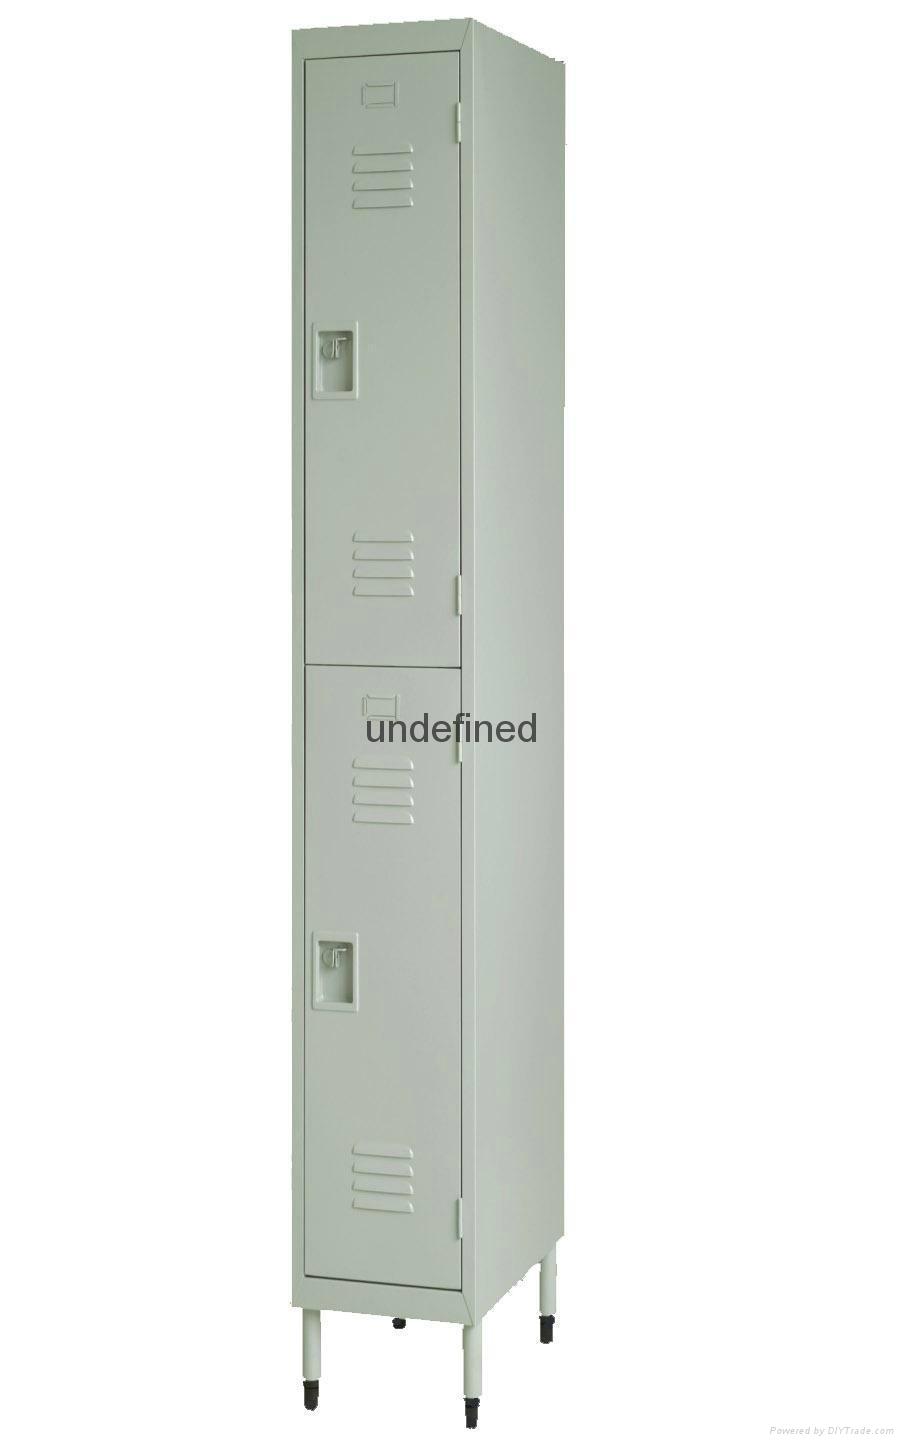 cheap 2 tiers door steel locker for sale 1